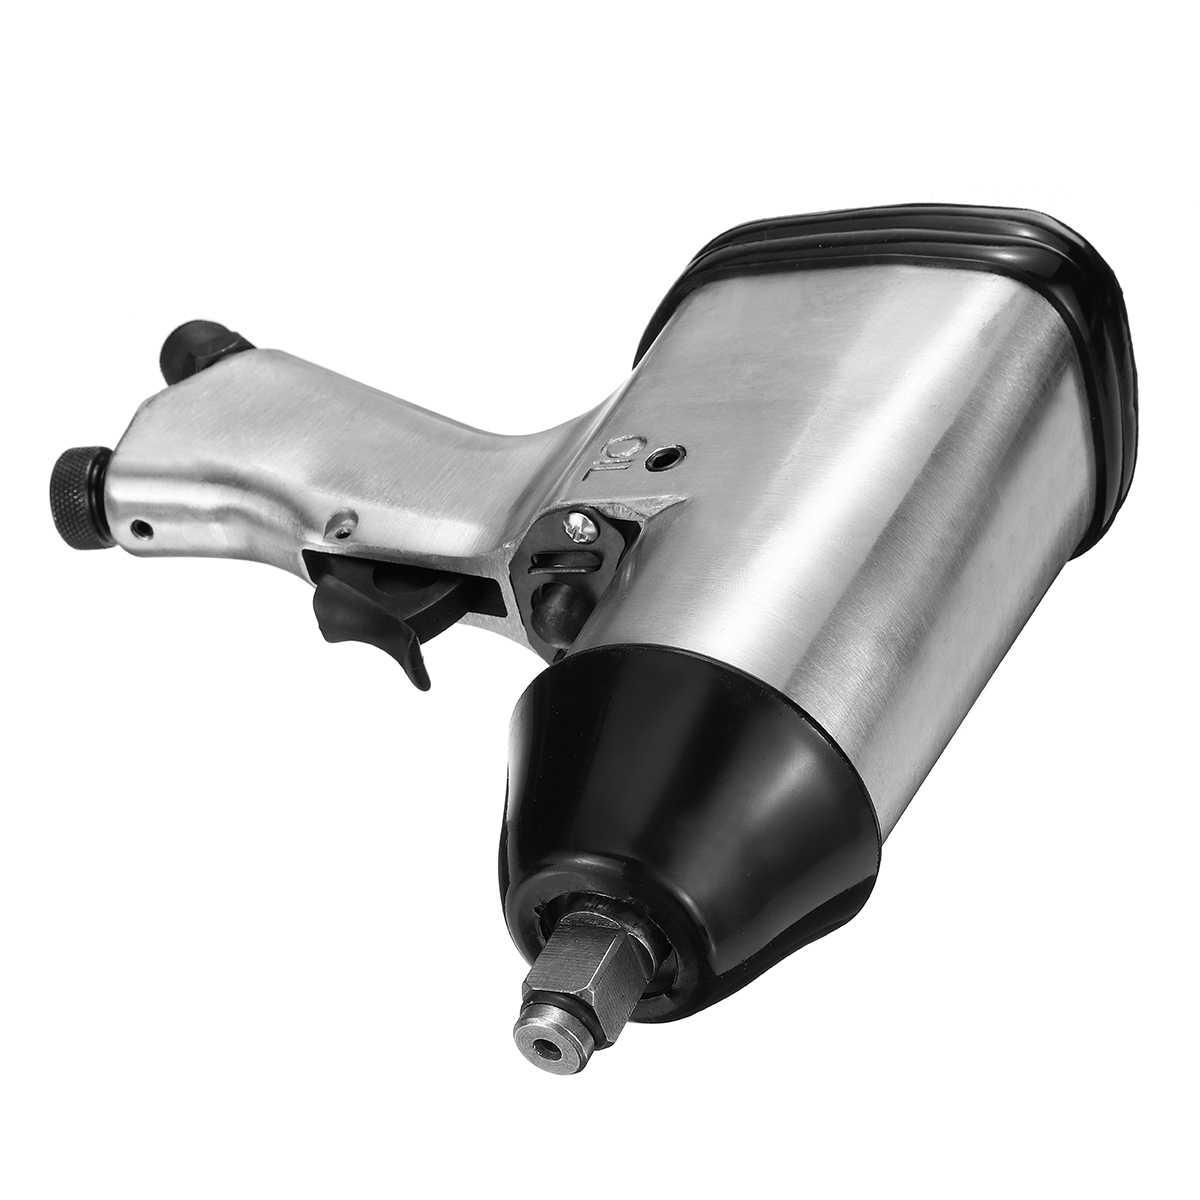 """1/2 """"Drive Zware Pneumatische Slagmoersleutel Tool Voor Auto Wiel Repareren Gegoten Aluminium Hoge Koppel Laag Geluidsniveau 4CFM @ 90PSI"""